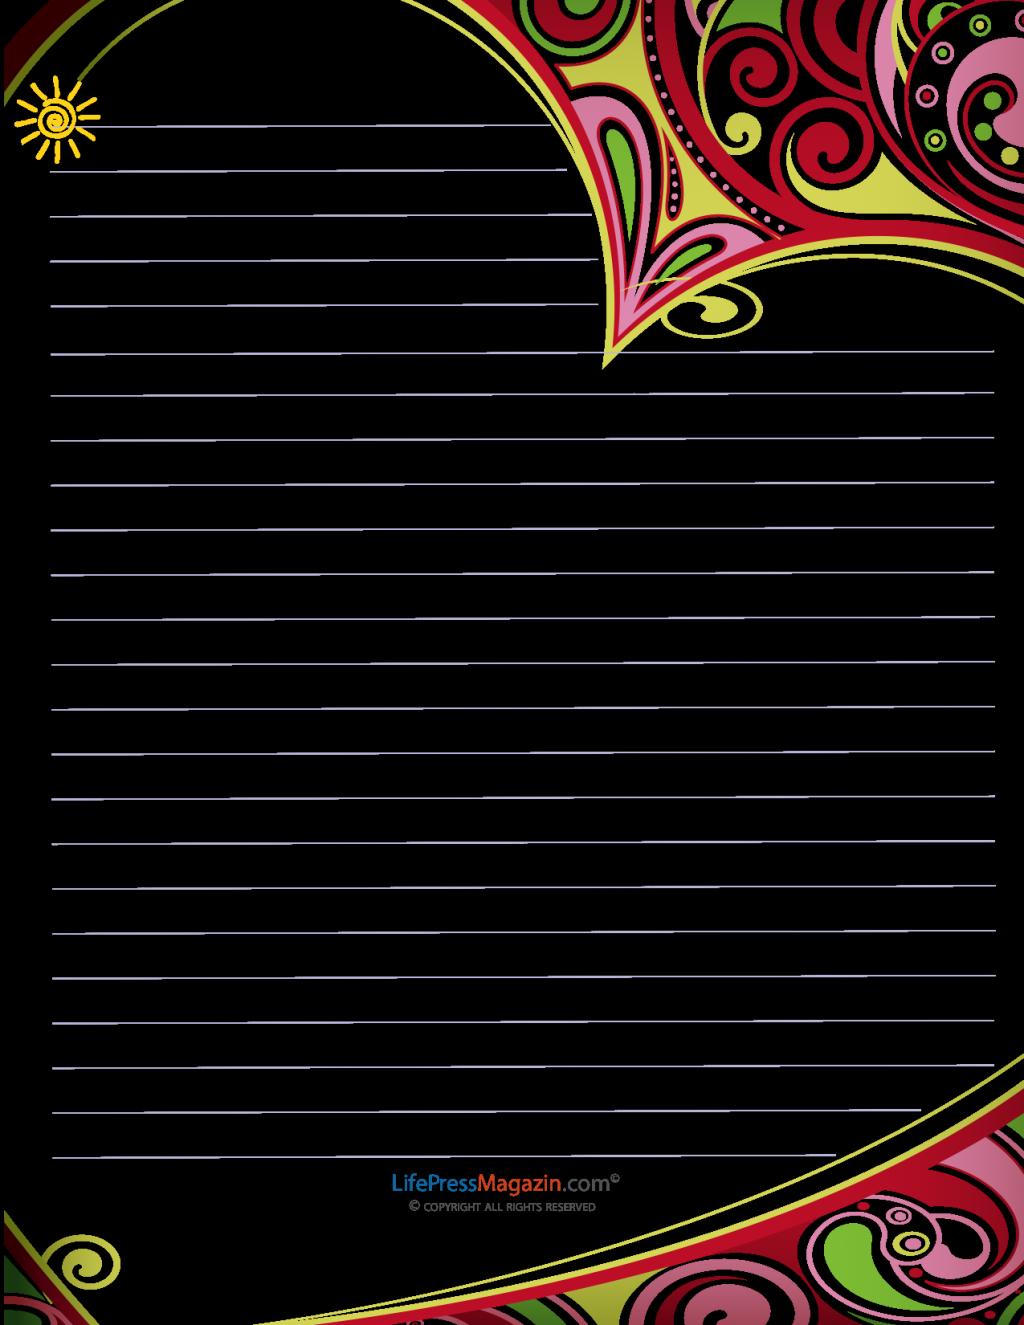 licni dnevnik